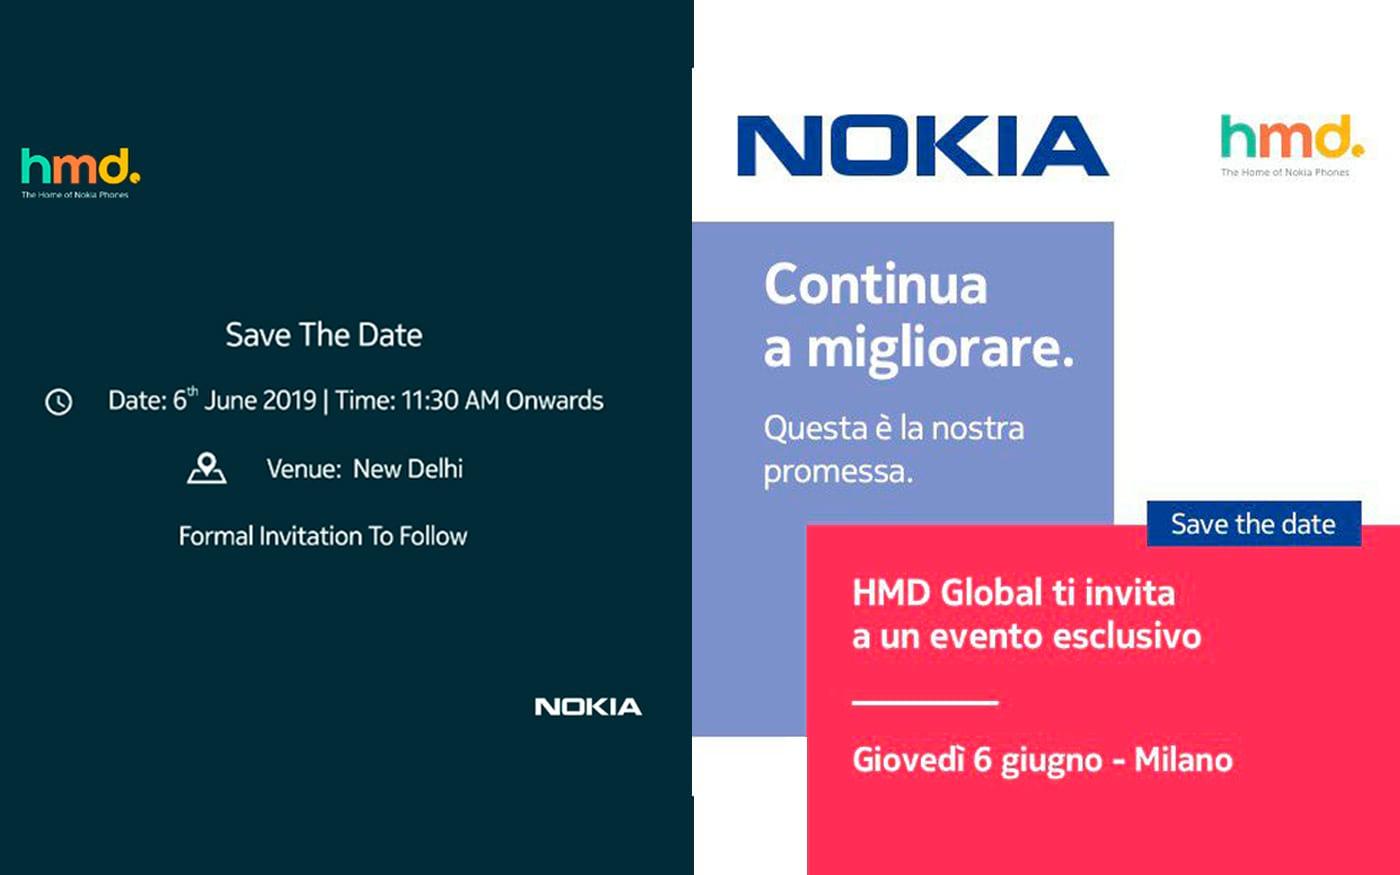 Lançamentos Nokia: Dia 6 de junho teremos evento da empresa na Índia e na Itália